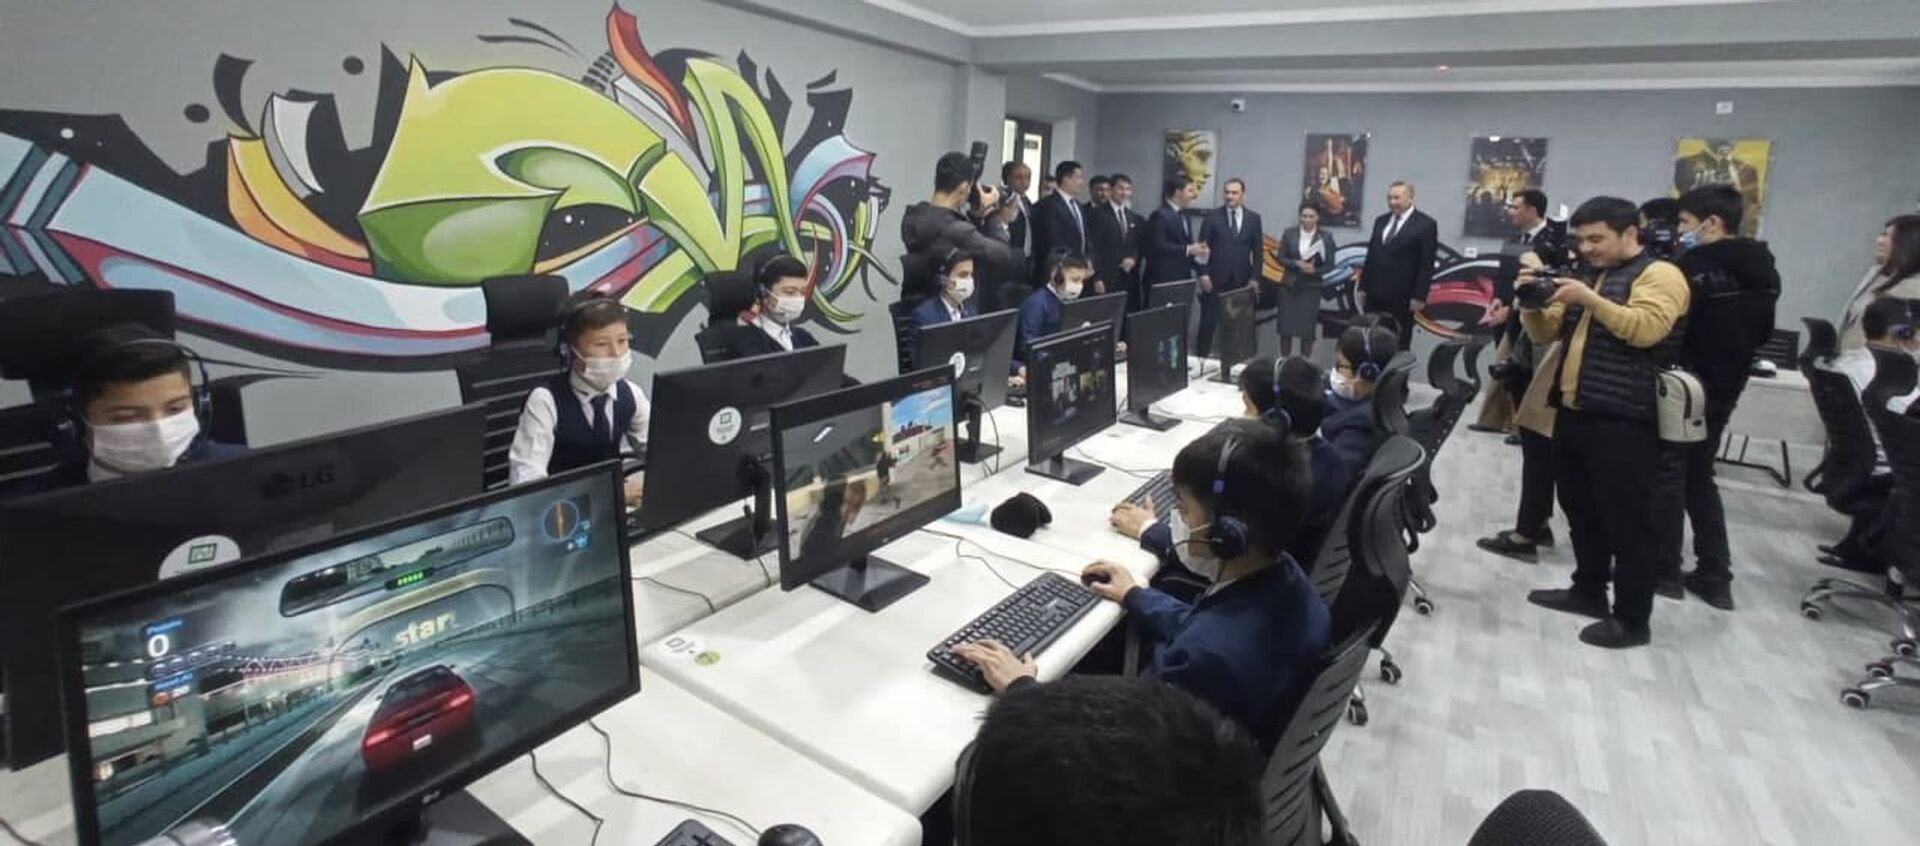 В Джизаке открылась спецшкола с углубленным изучением информатики и IT - Sputnik Узбекистан, 1920, 07.02.2021